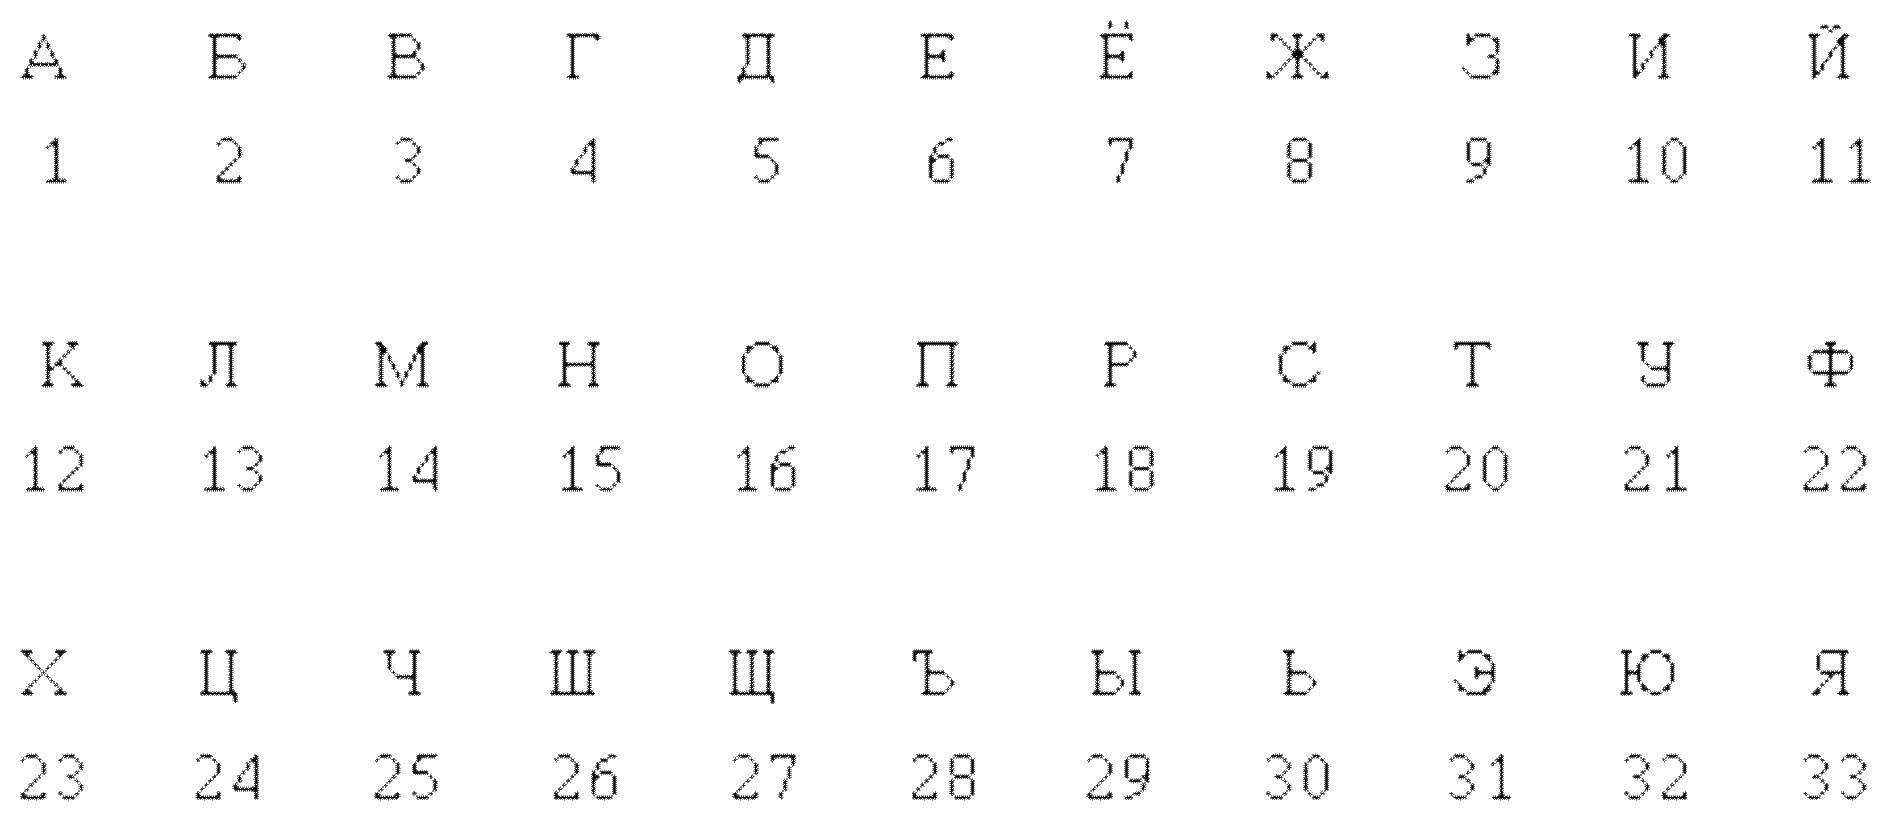 Картинка алфавит пронумерованный